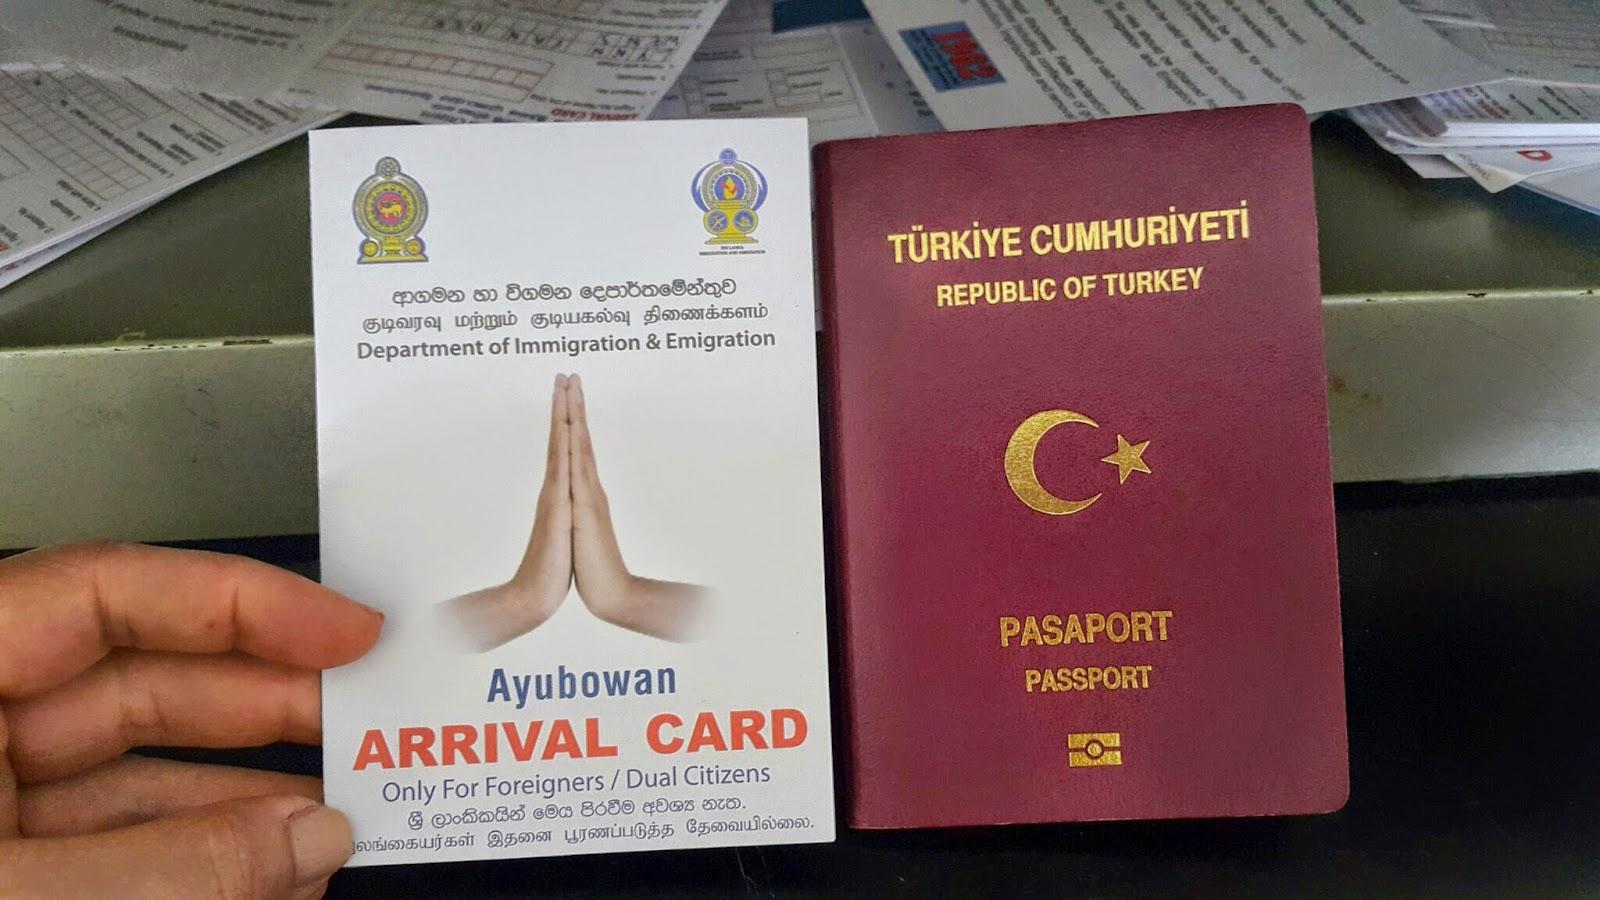 Kırmızı pasaport